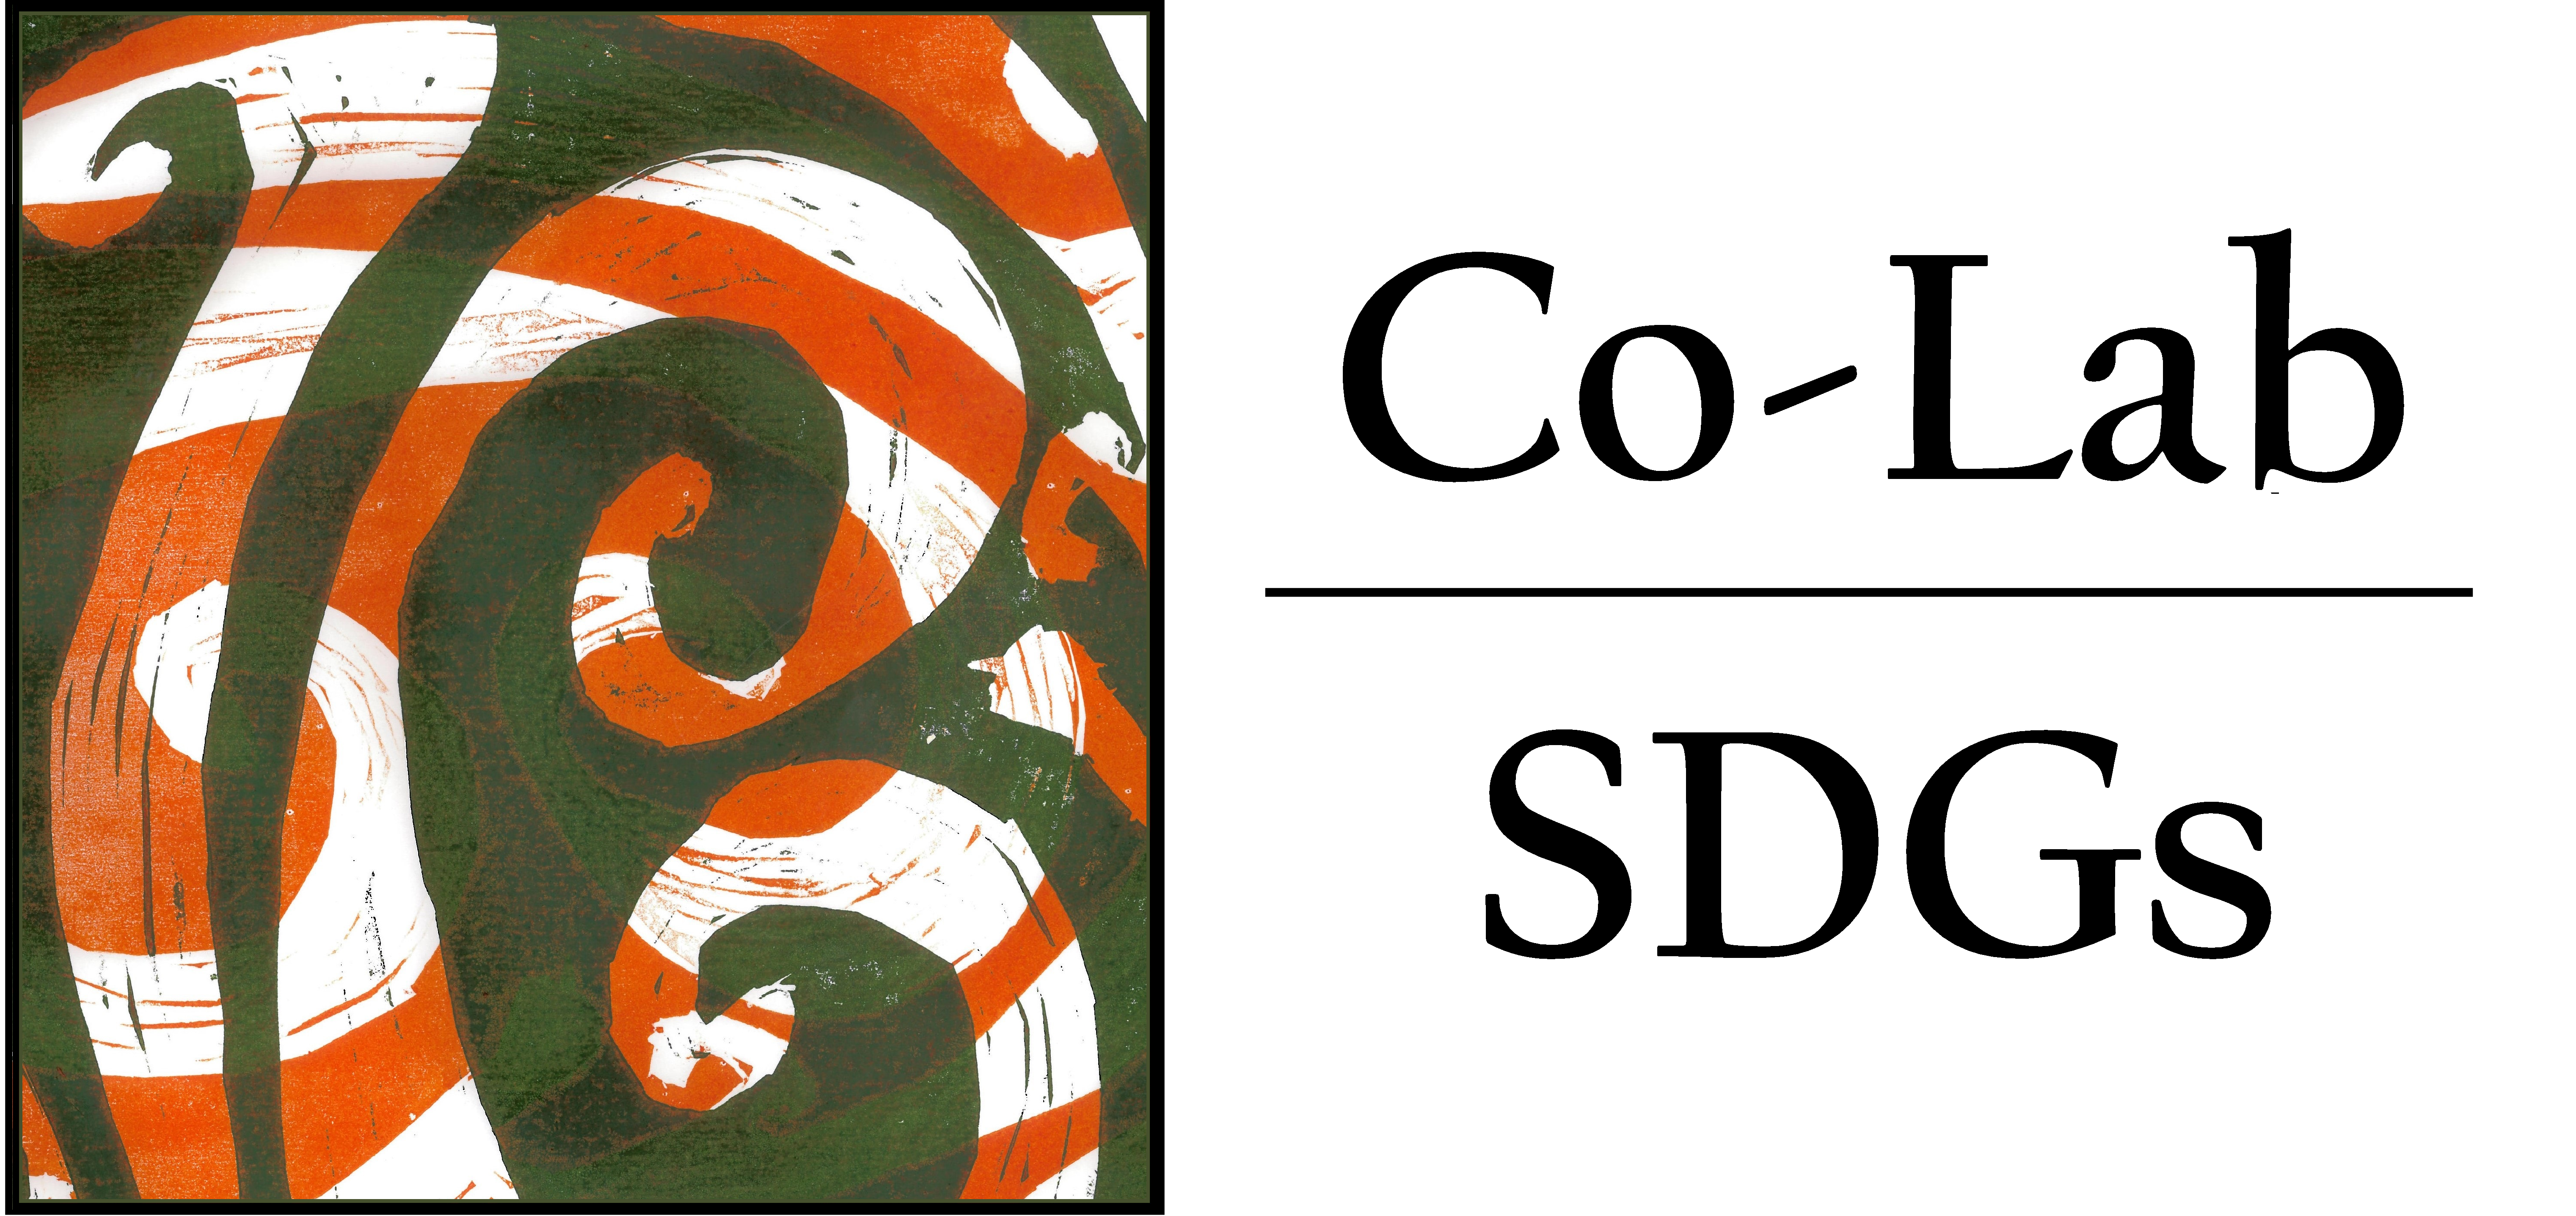 Co-Lab SDGs